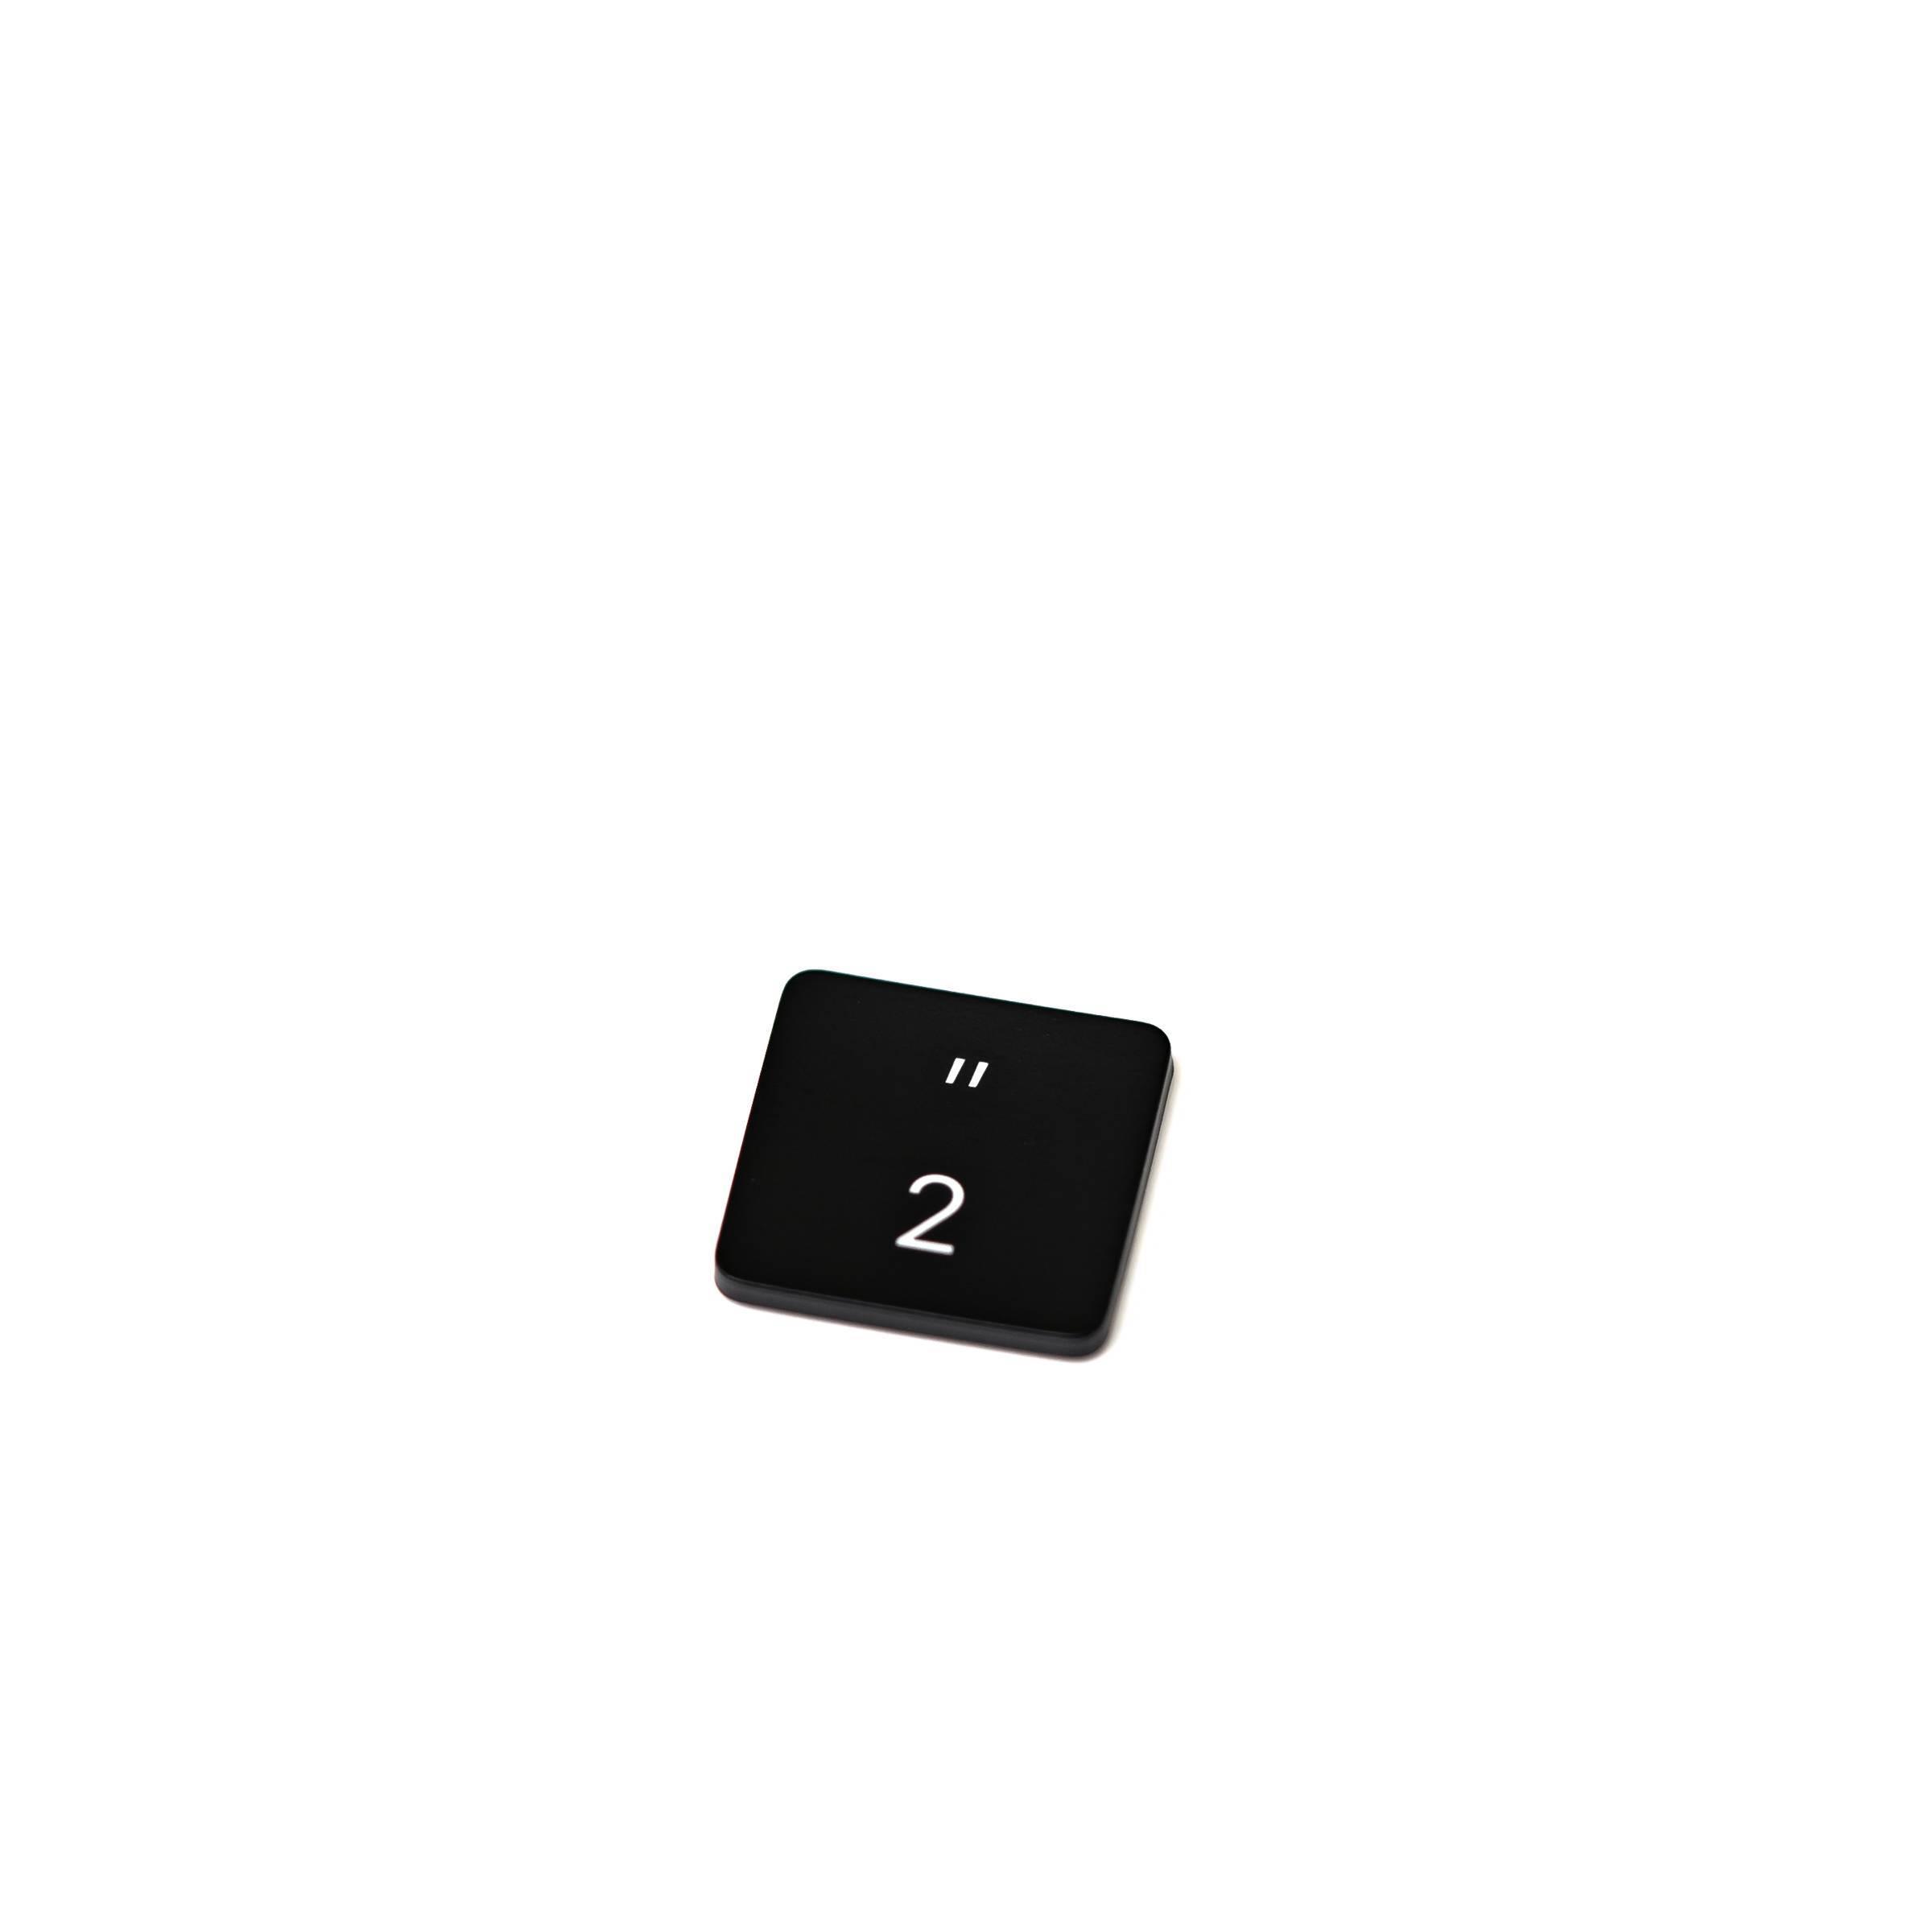 Bilde av 2 Og Citationstegn Knap Til Macbook - Dk Layout